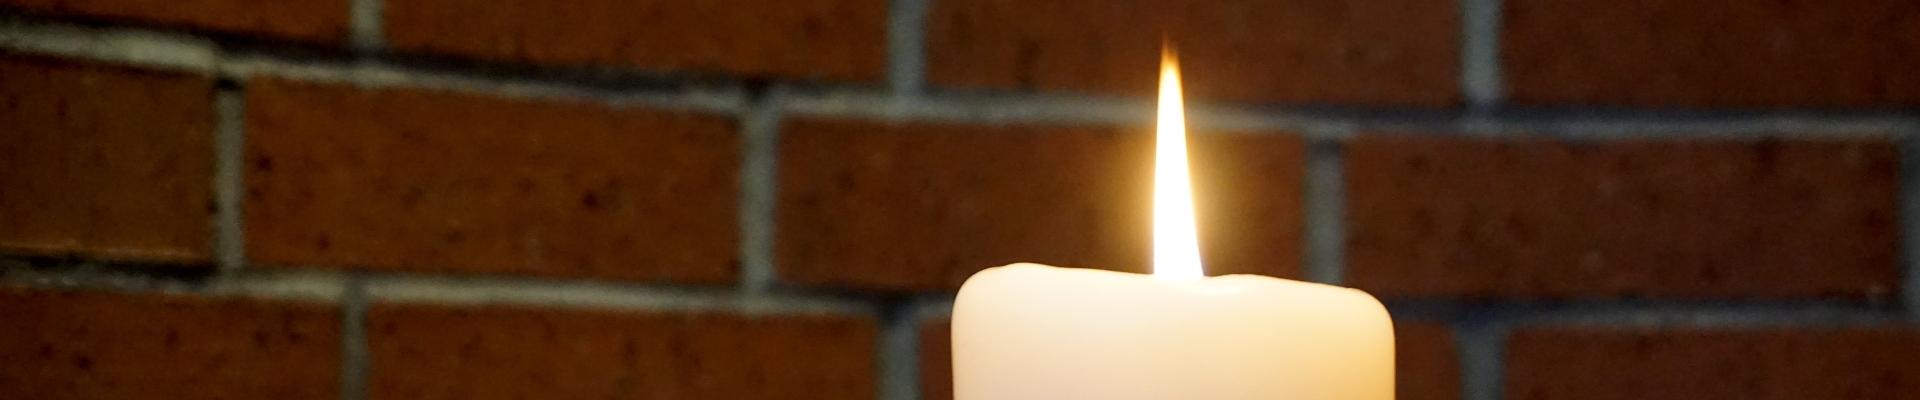 Gebetslicht einer Kerze